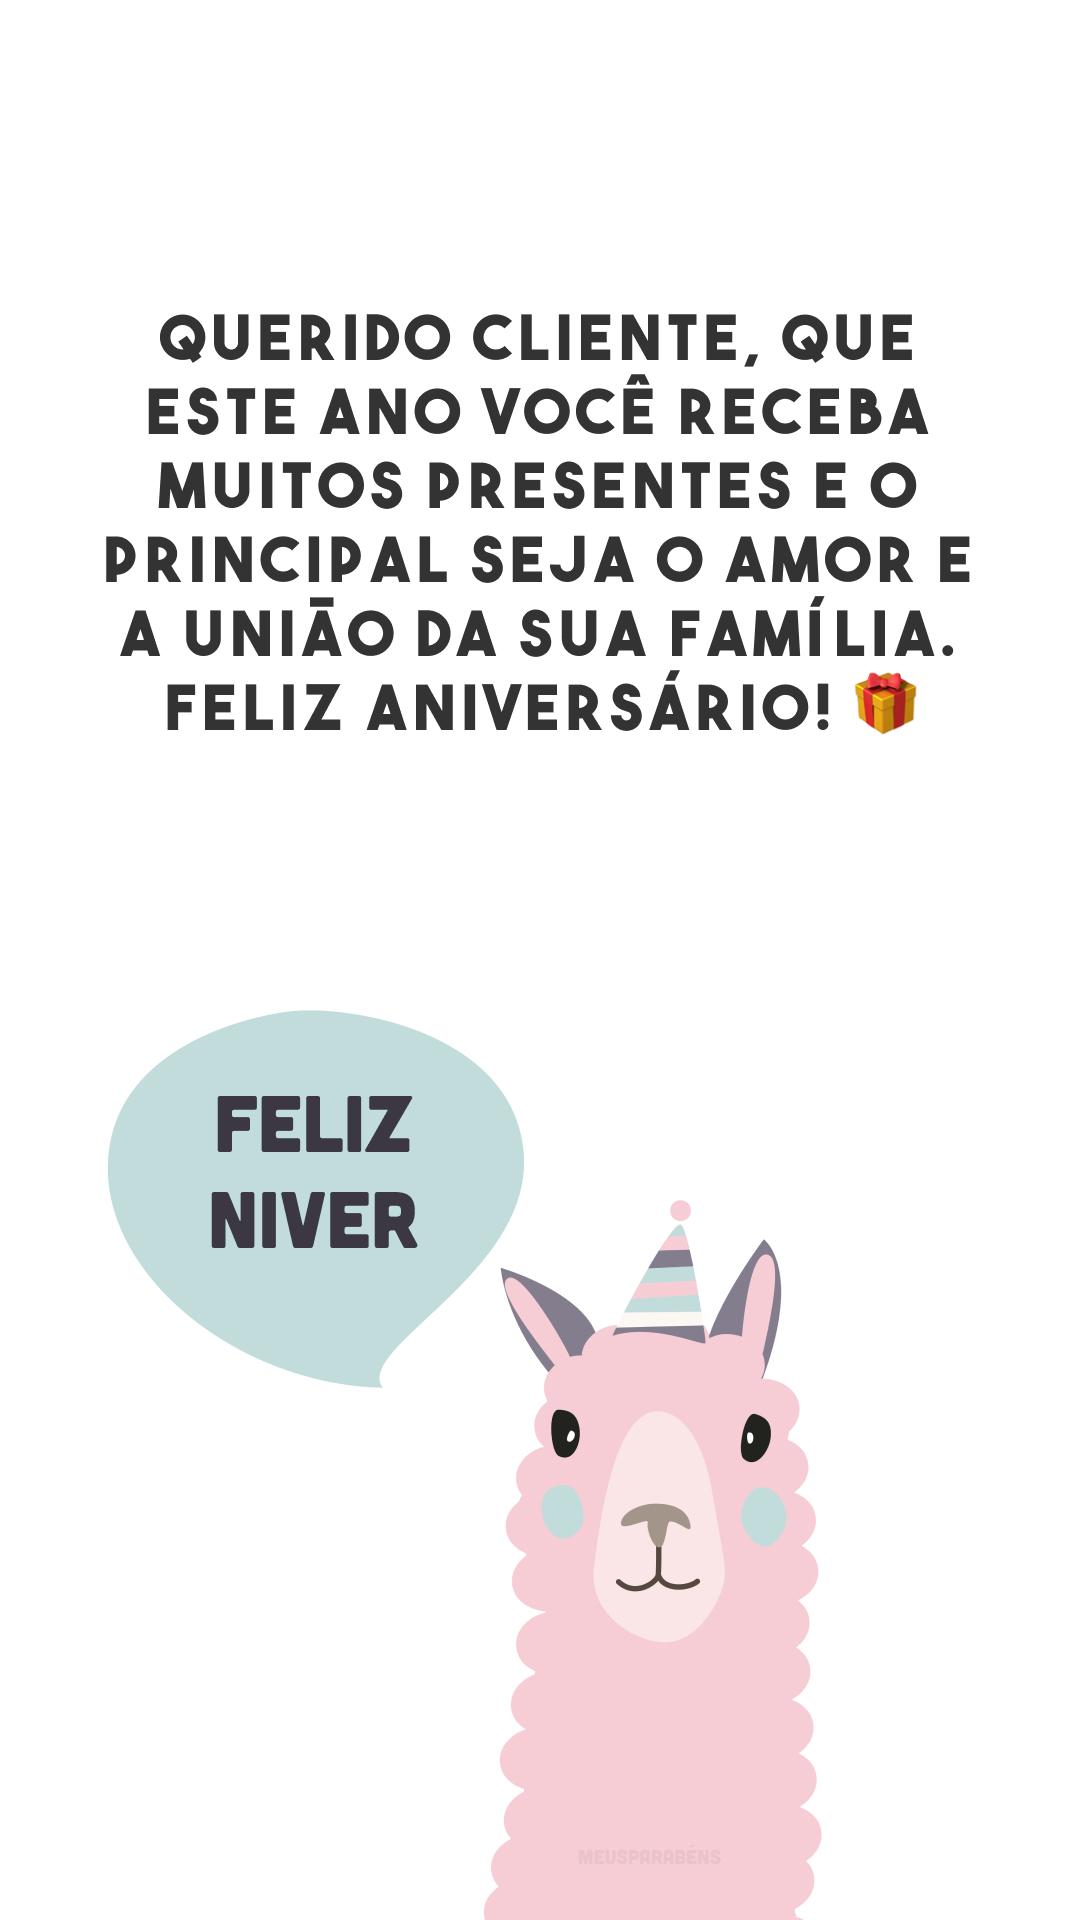 Querido cliente, que este ano você receba muitos presentes e o principal seja o amor e a união da sua família. Feliz aniversário! 🎁